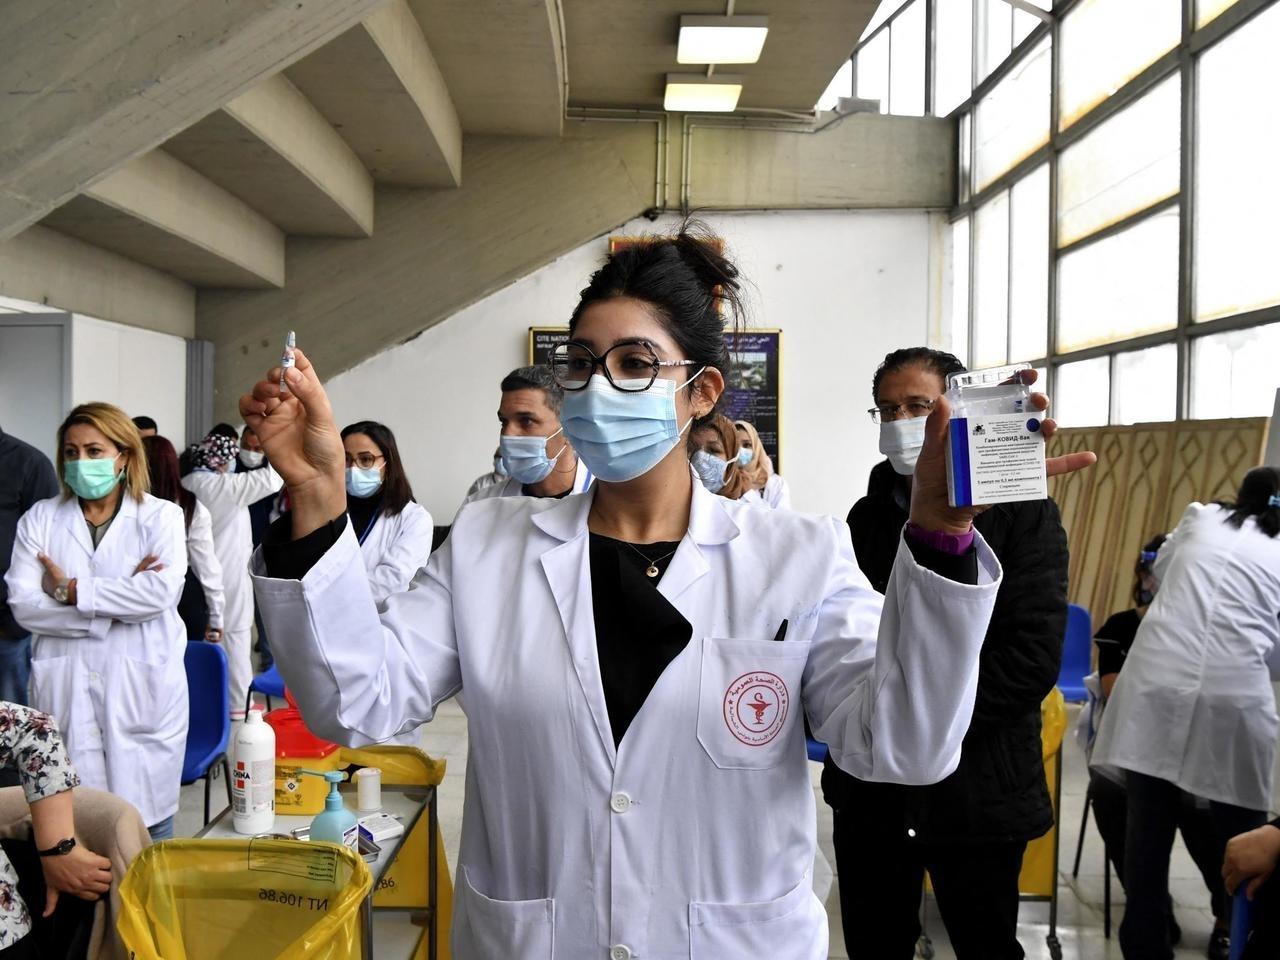 تونس تفرض الحجر الصحي الشامل على عدد من المناطق